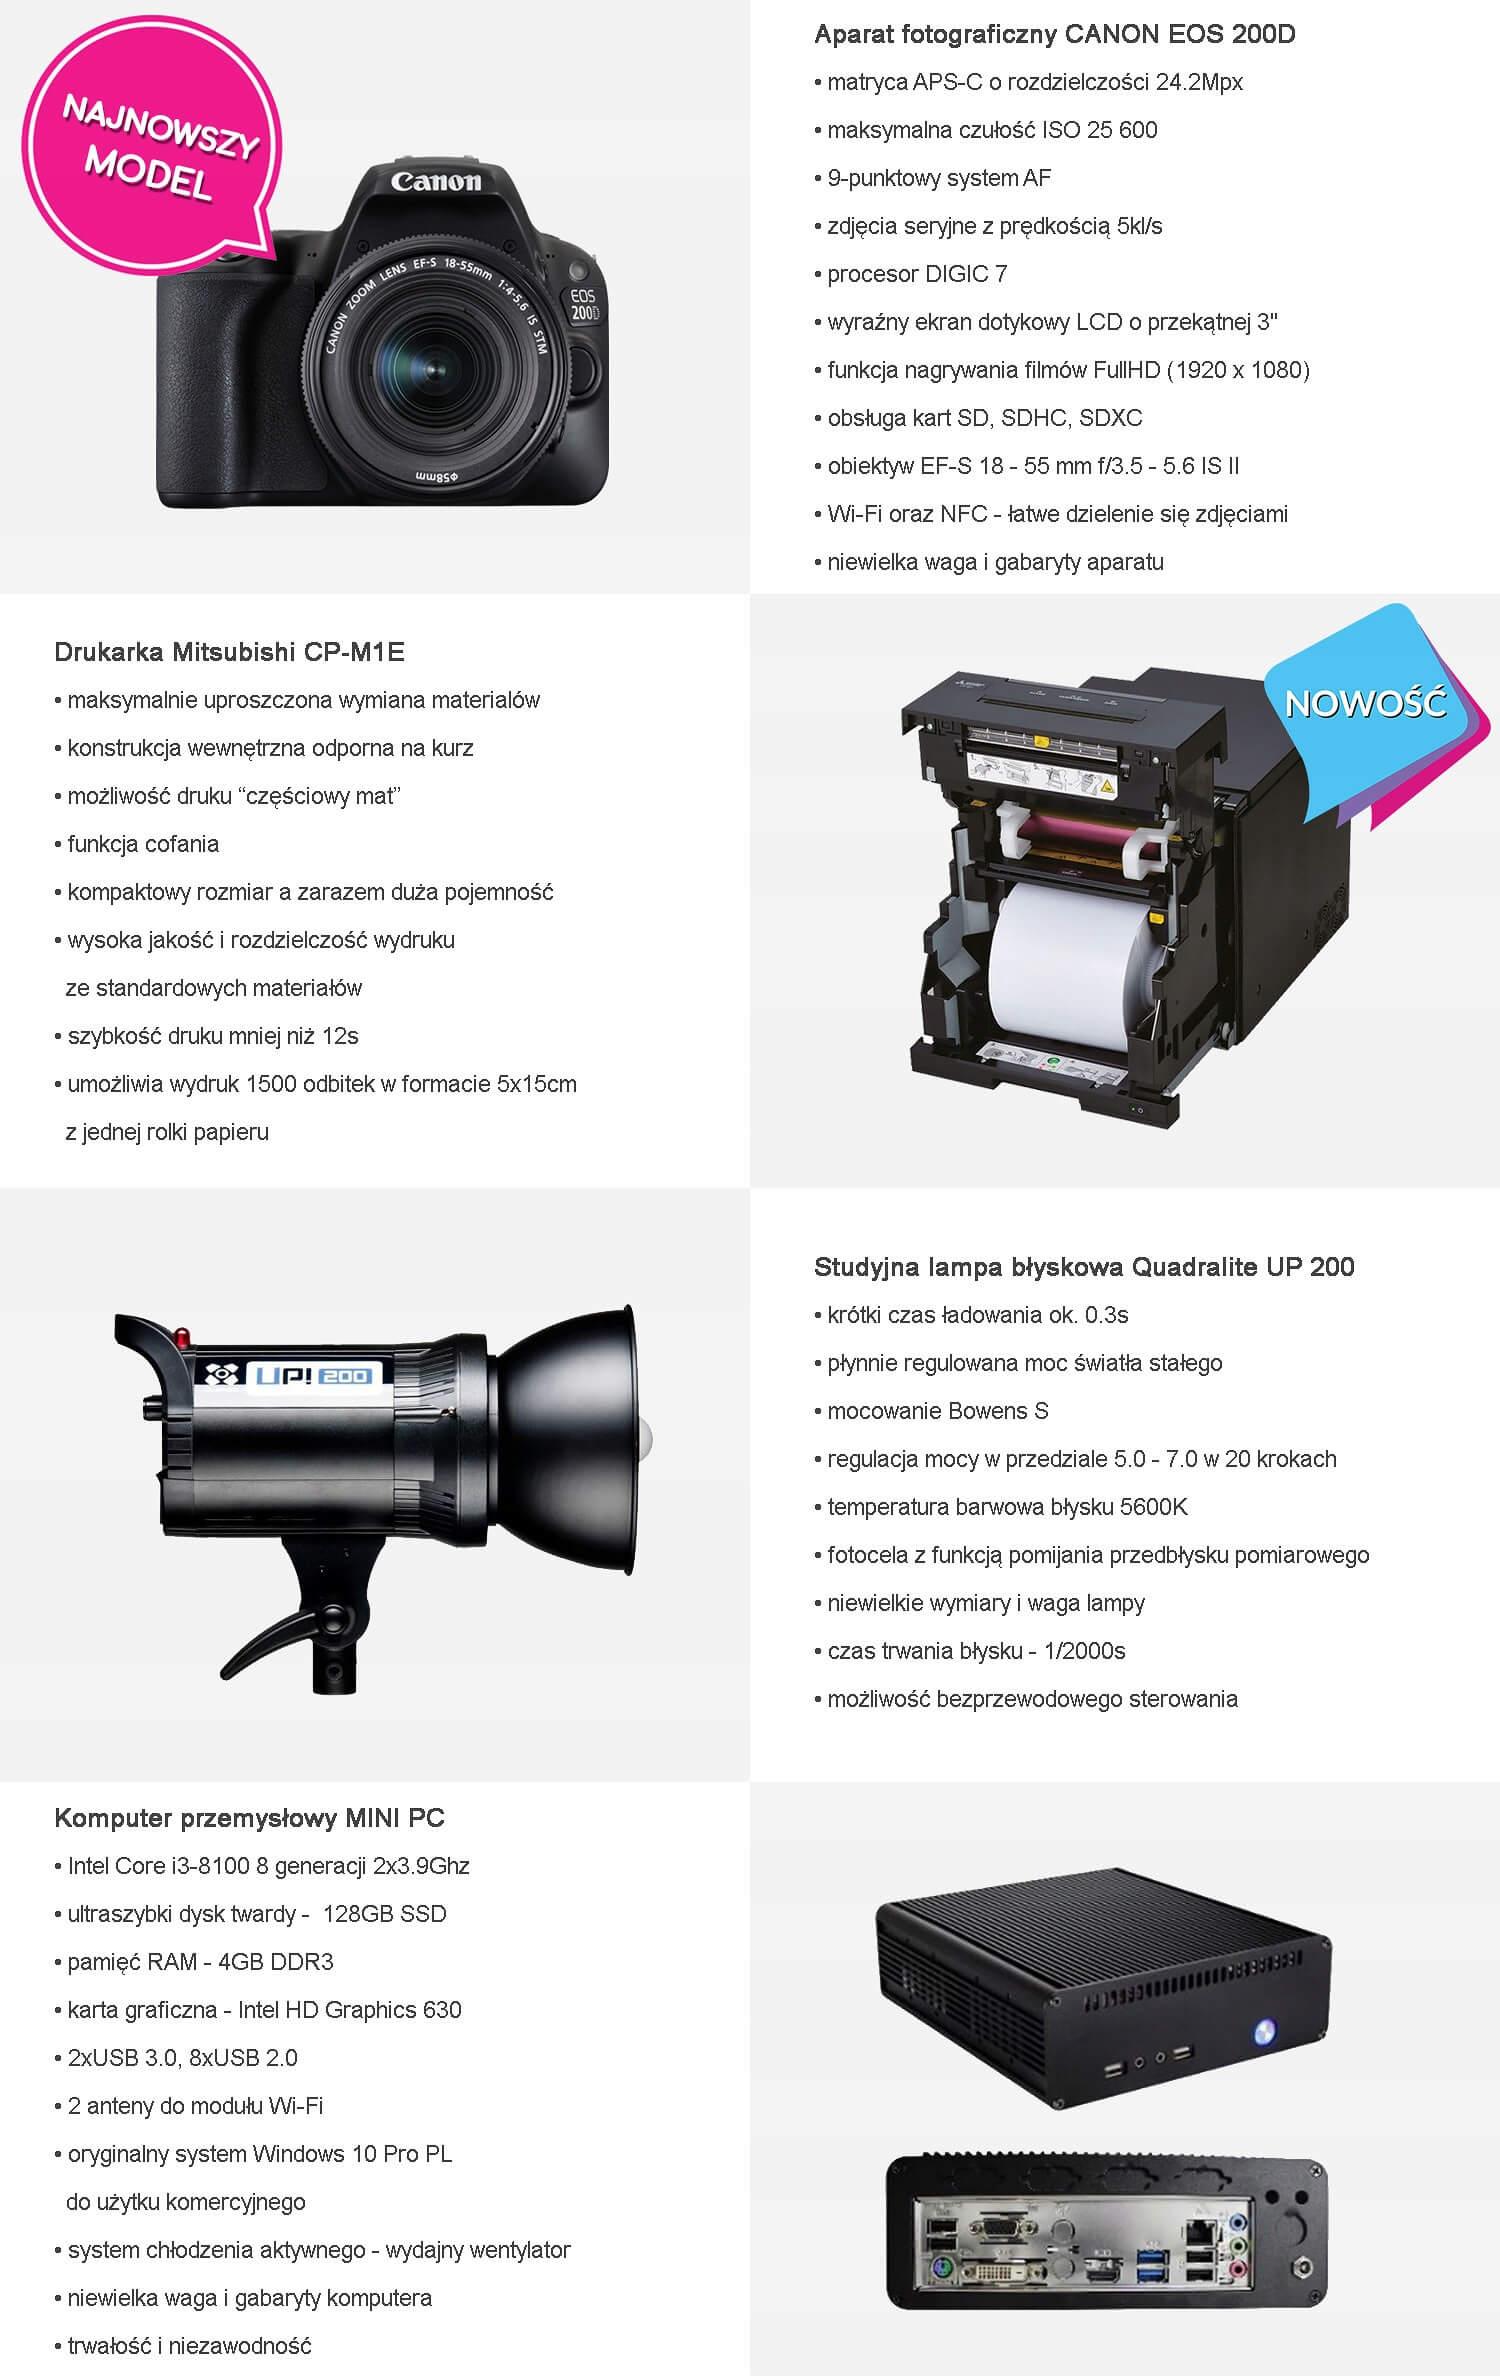 podzespoly fotolustro premium 60 i 65